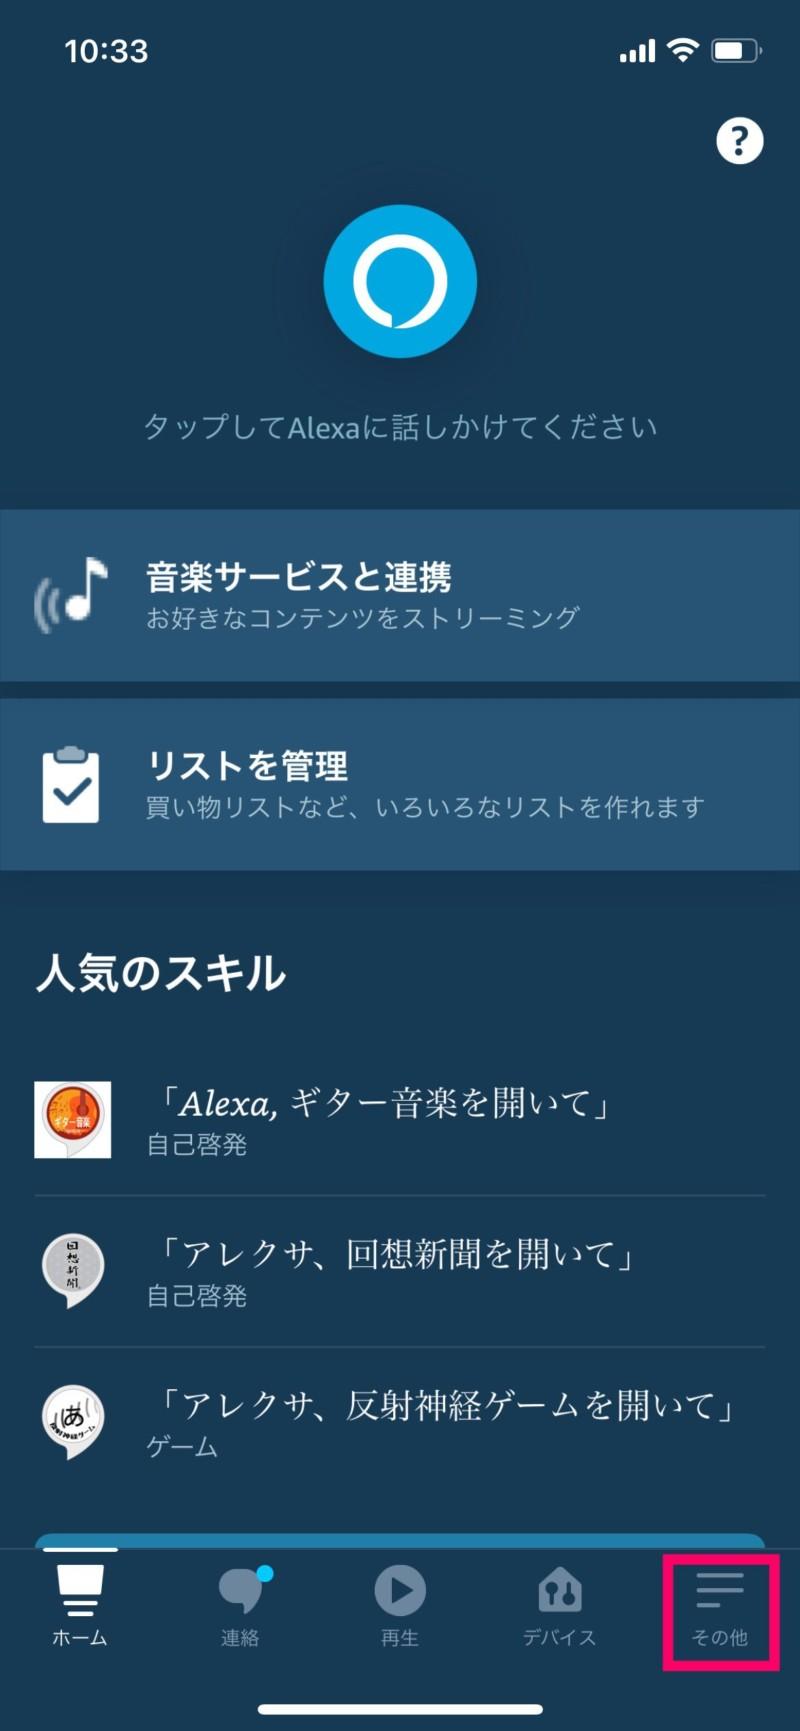 Amazon AlexaアプリでAmazon Echoの音声注文を無効にする方法00